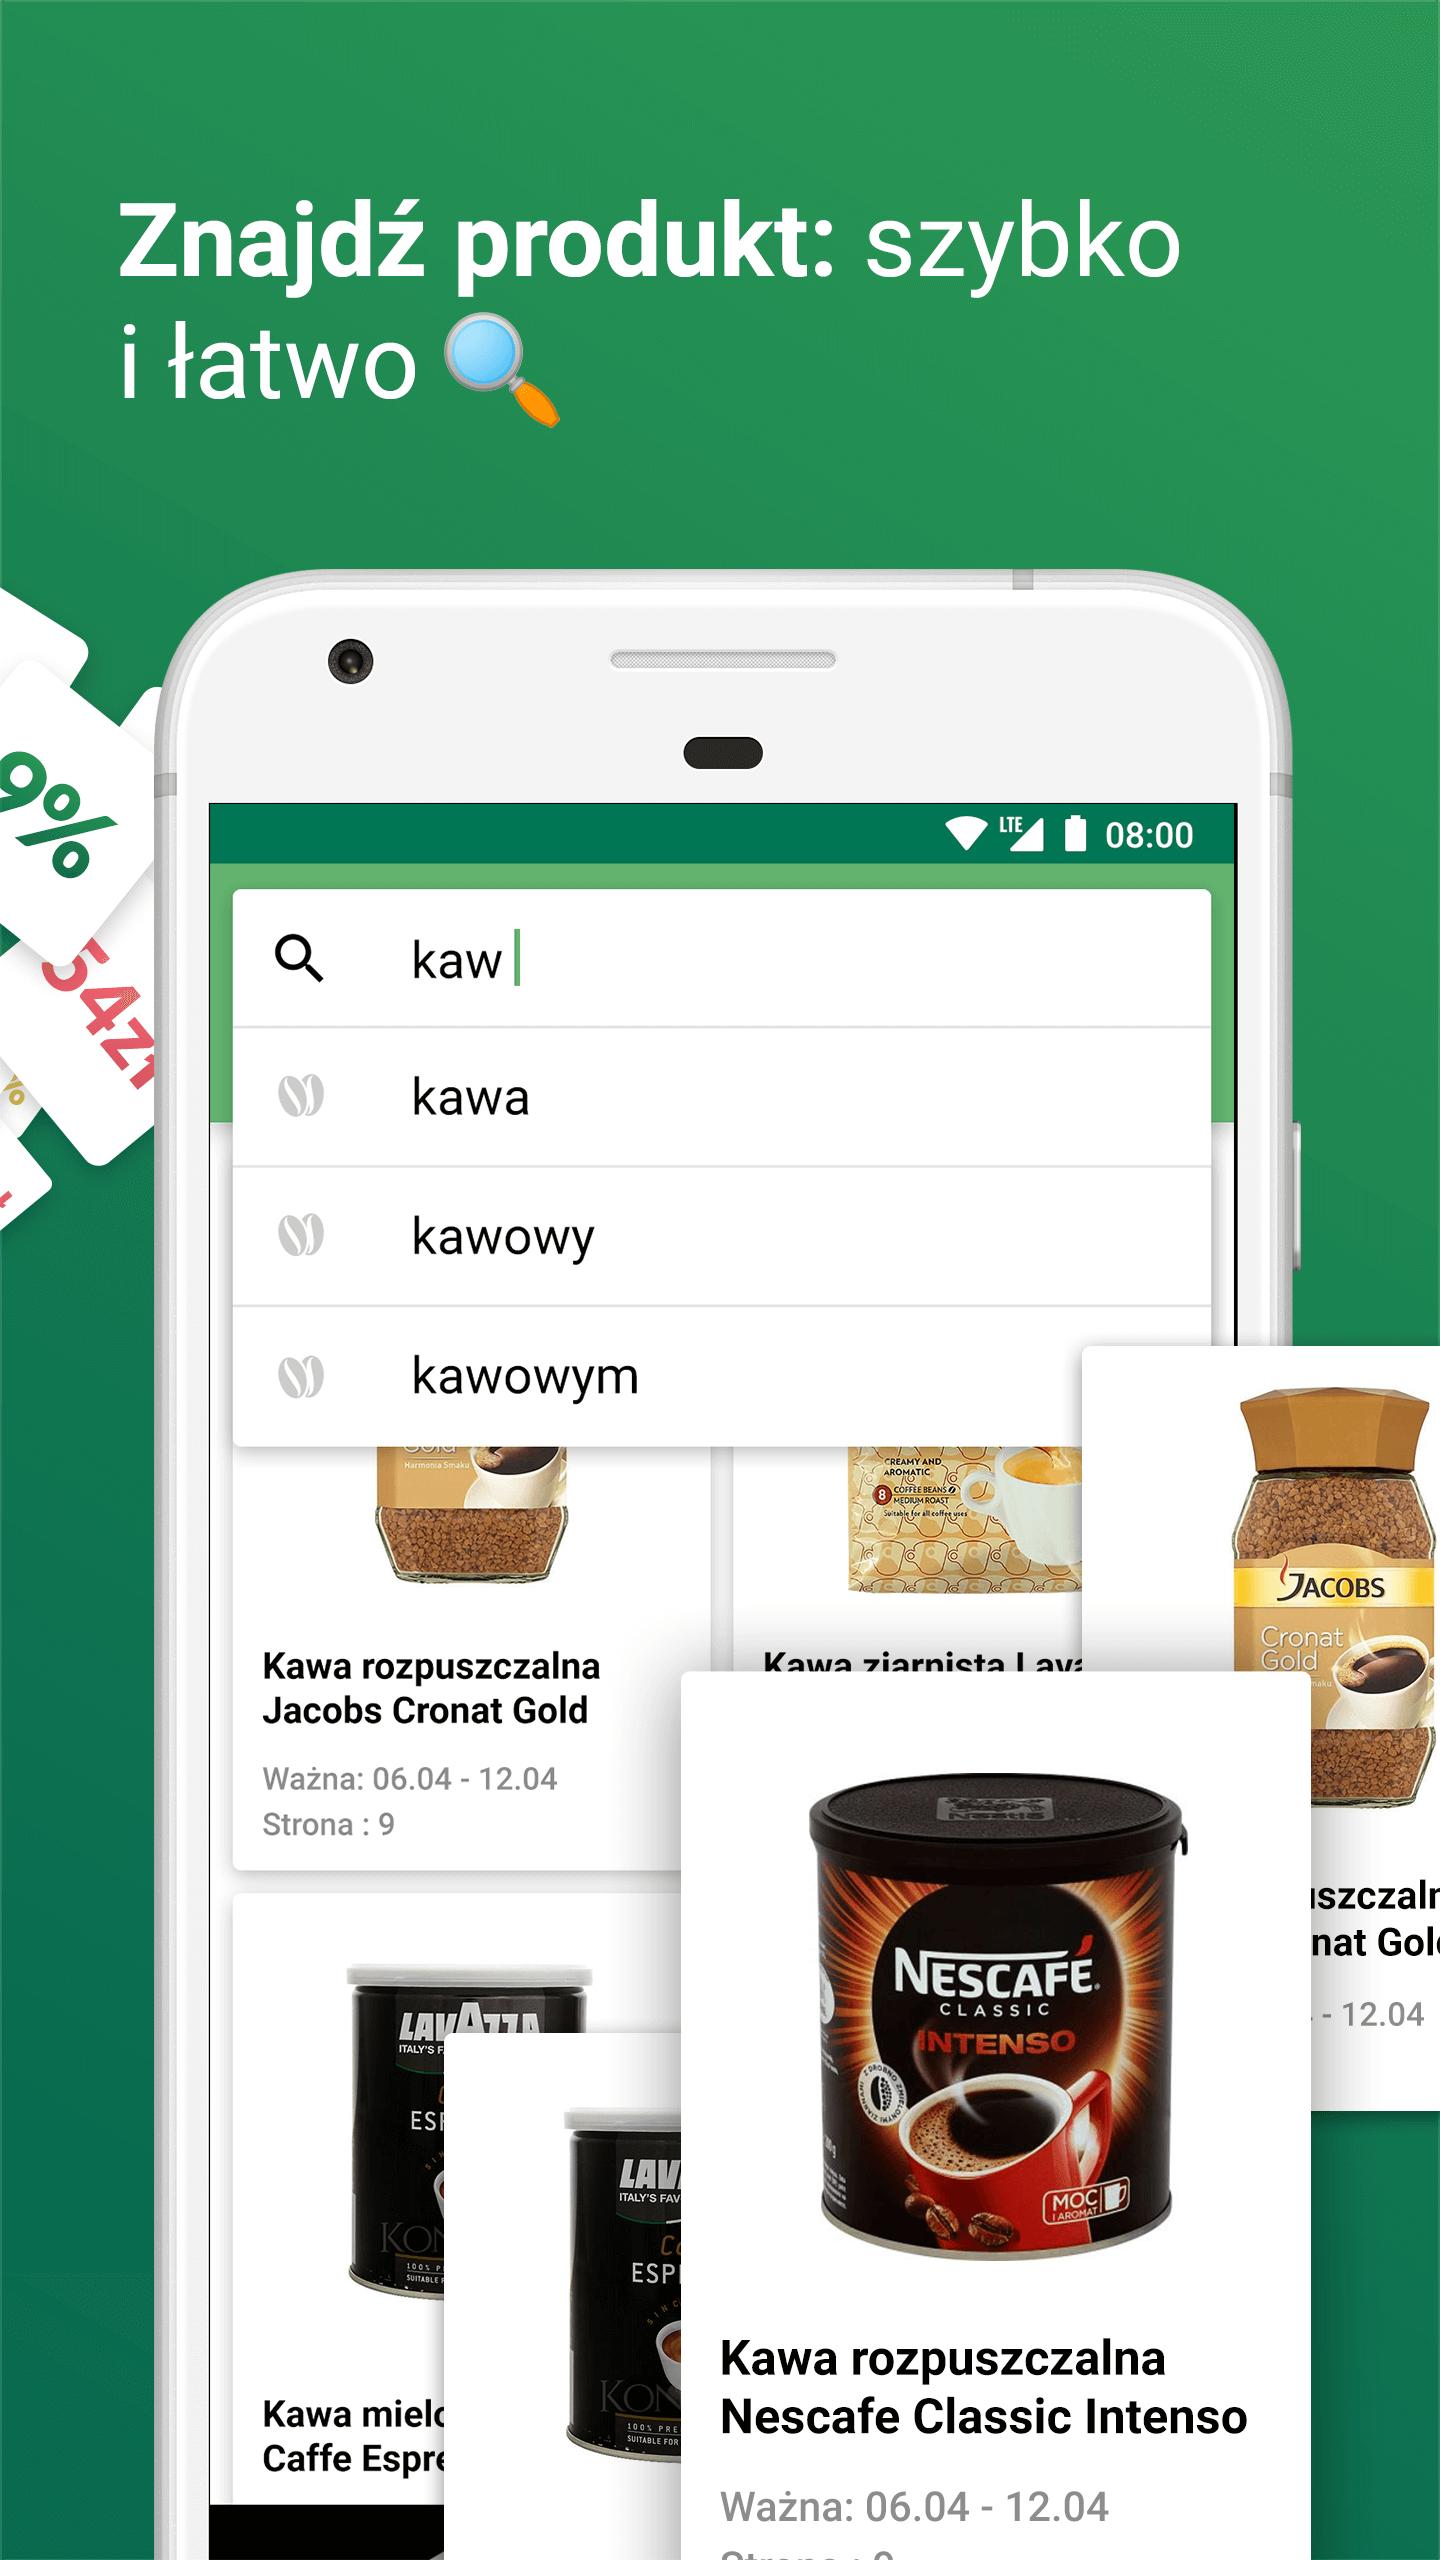 wyszukiwanie produktow w promocji